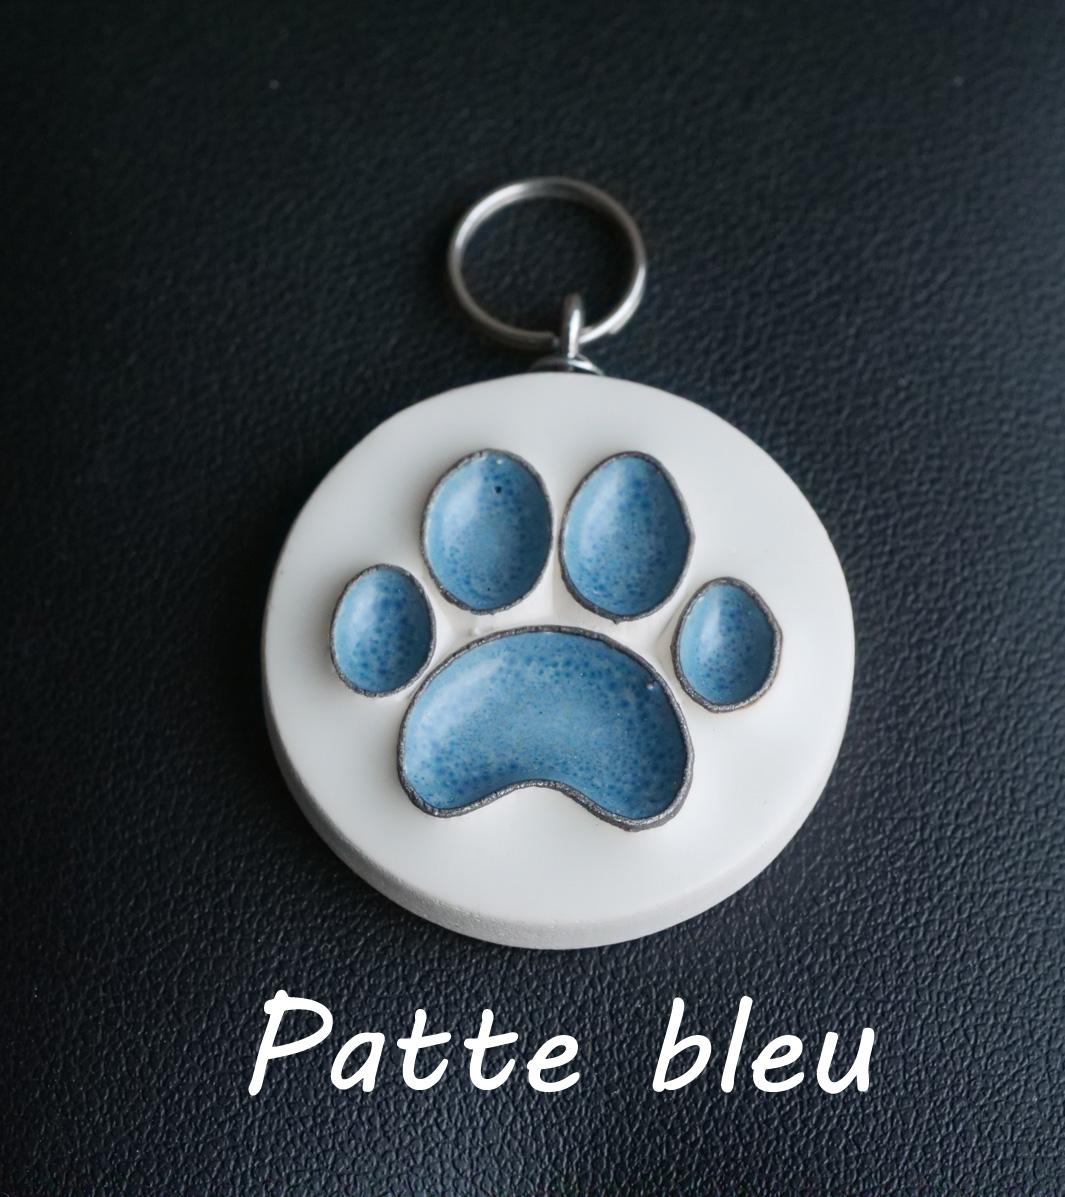 Patte bleue